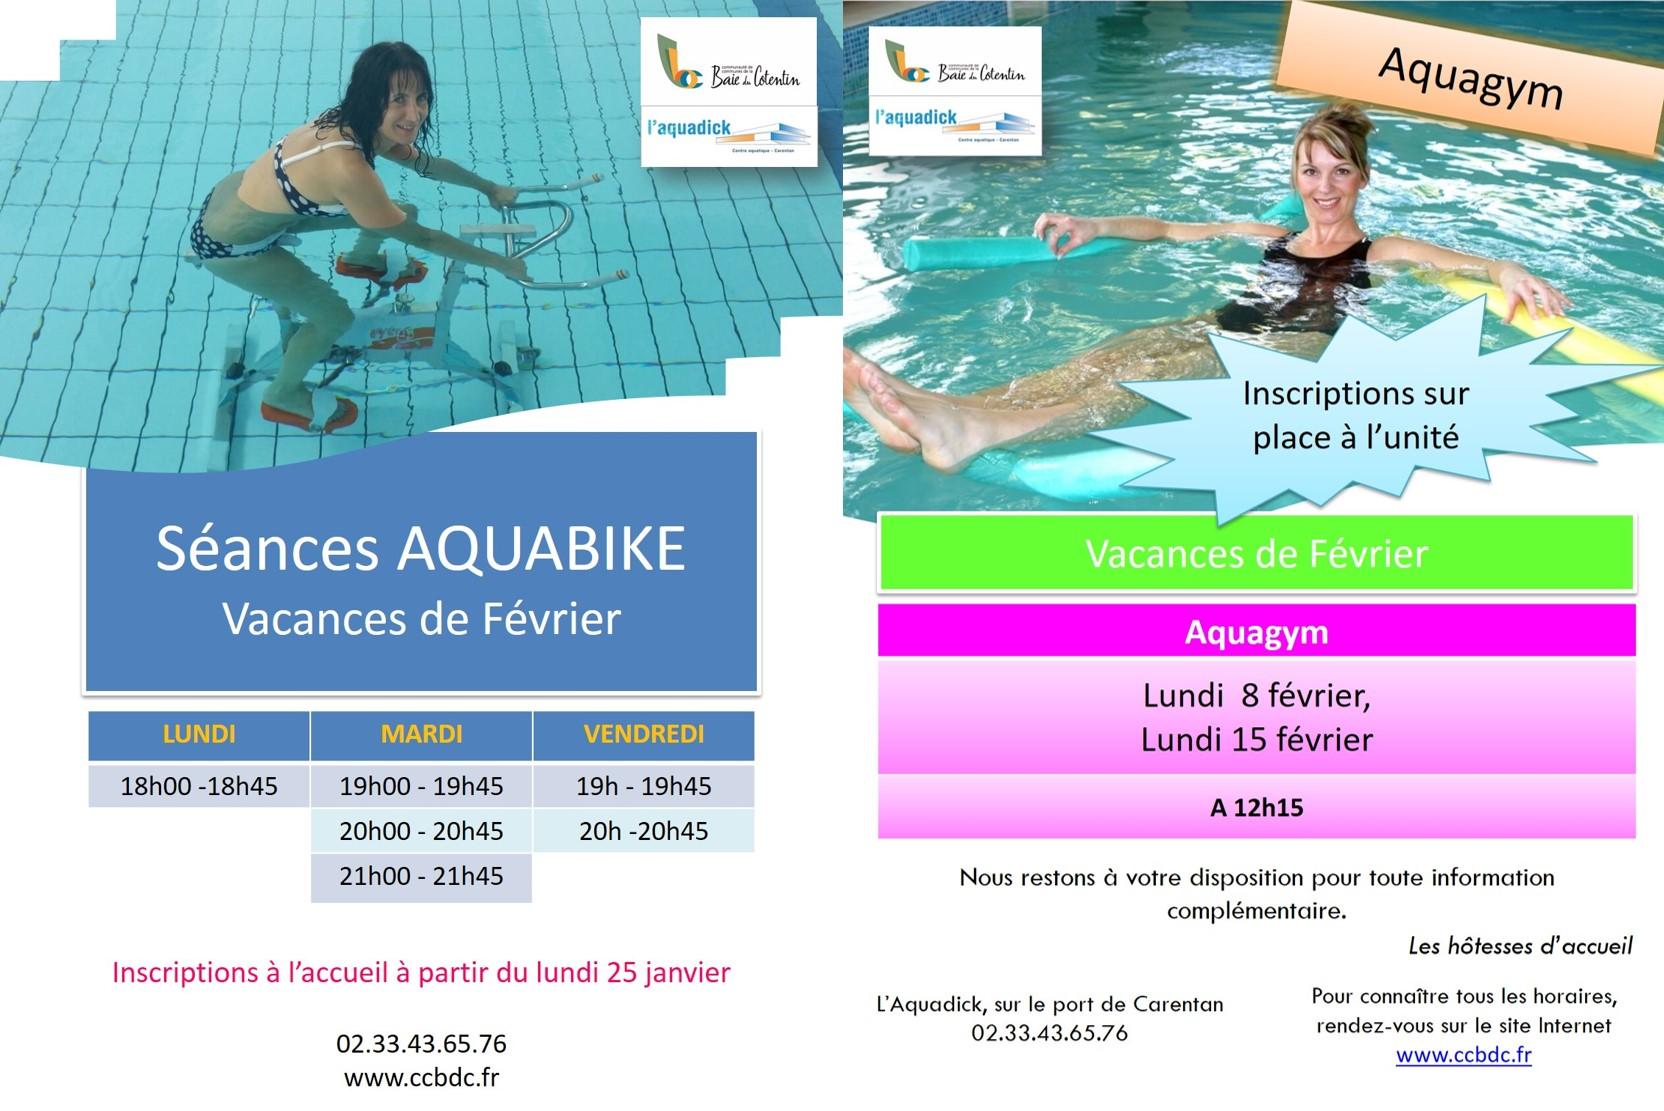 Aquabike Aquagym